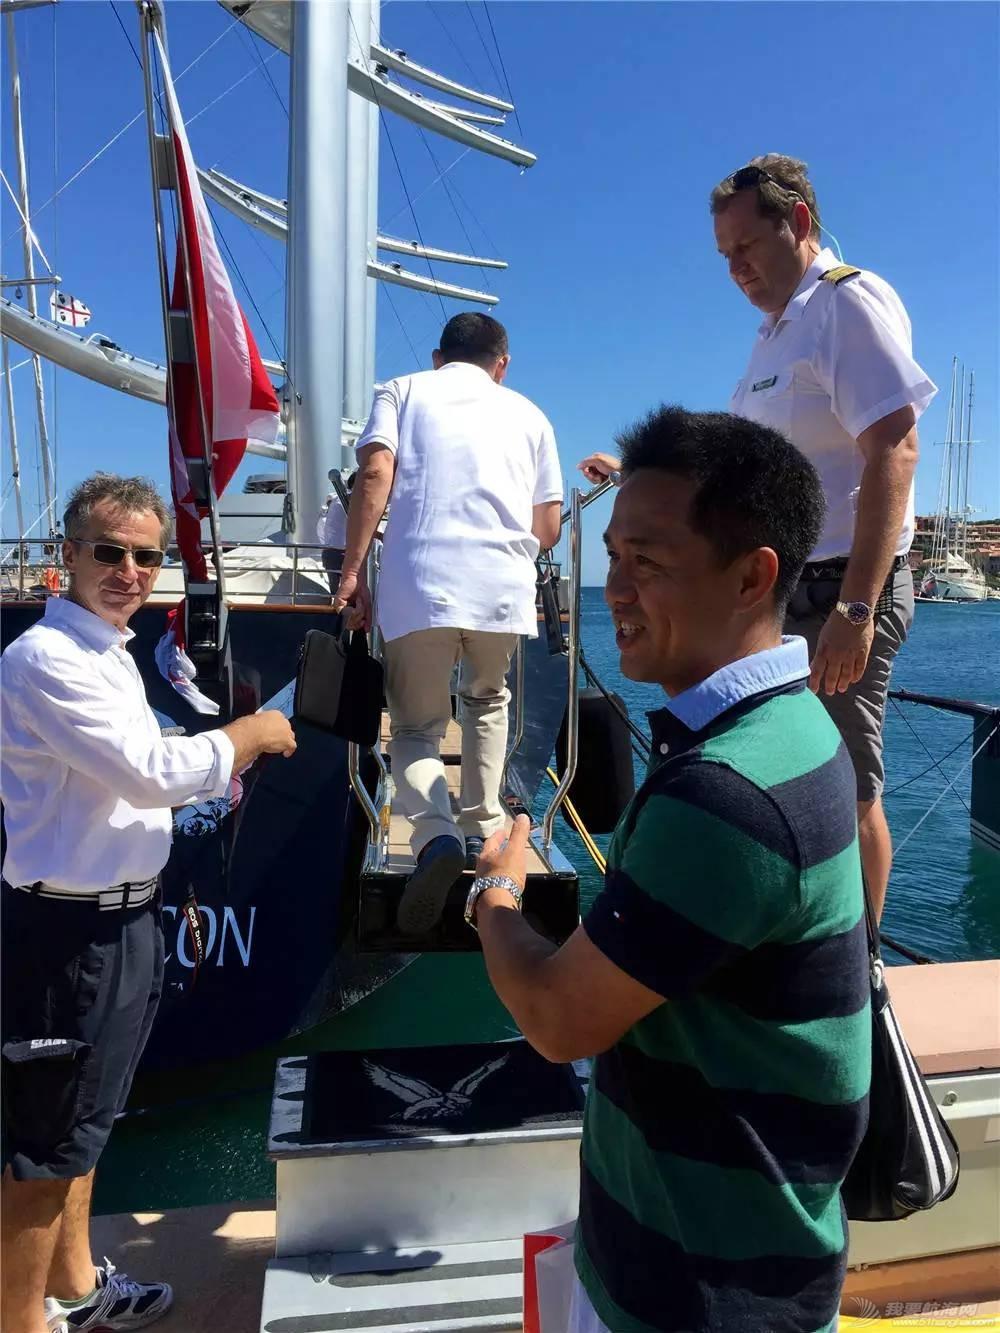 北京时间,意大利,撒丁岛,马耳他,总经理 佩里尼超级大帆船赛亚洲第一人----李剑 f856967f85b7eb8729169e04b669e853.jpg